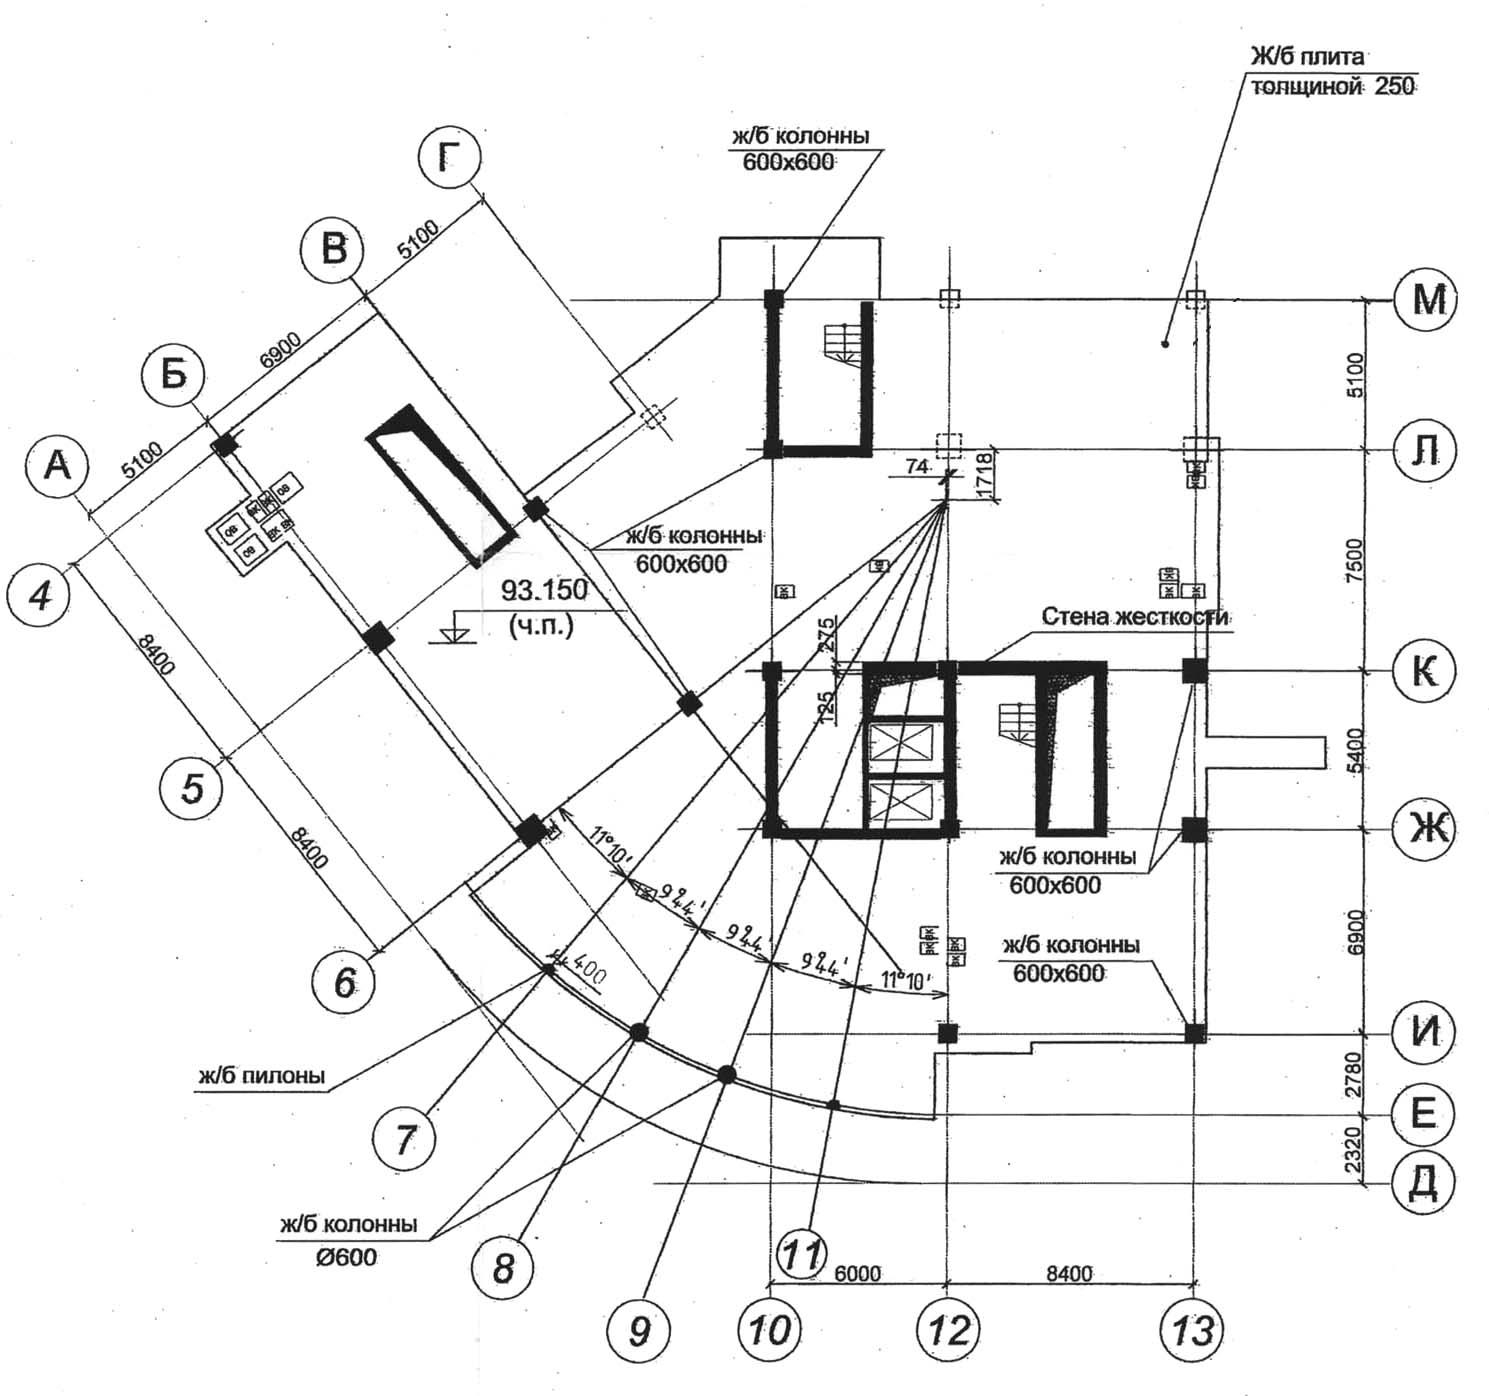 Plan_konstrukcij_27_etazha_vysotnogo_zdaniya